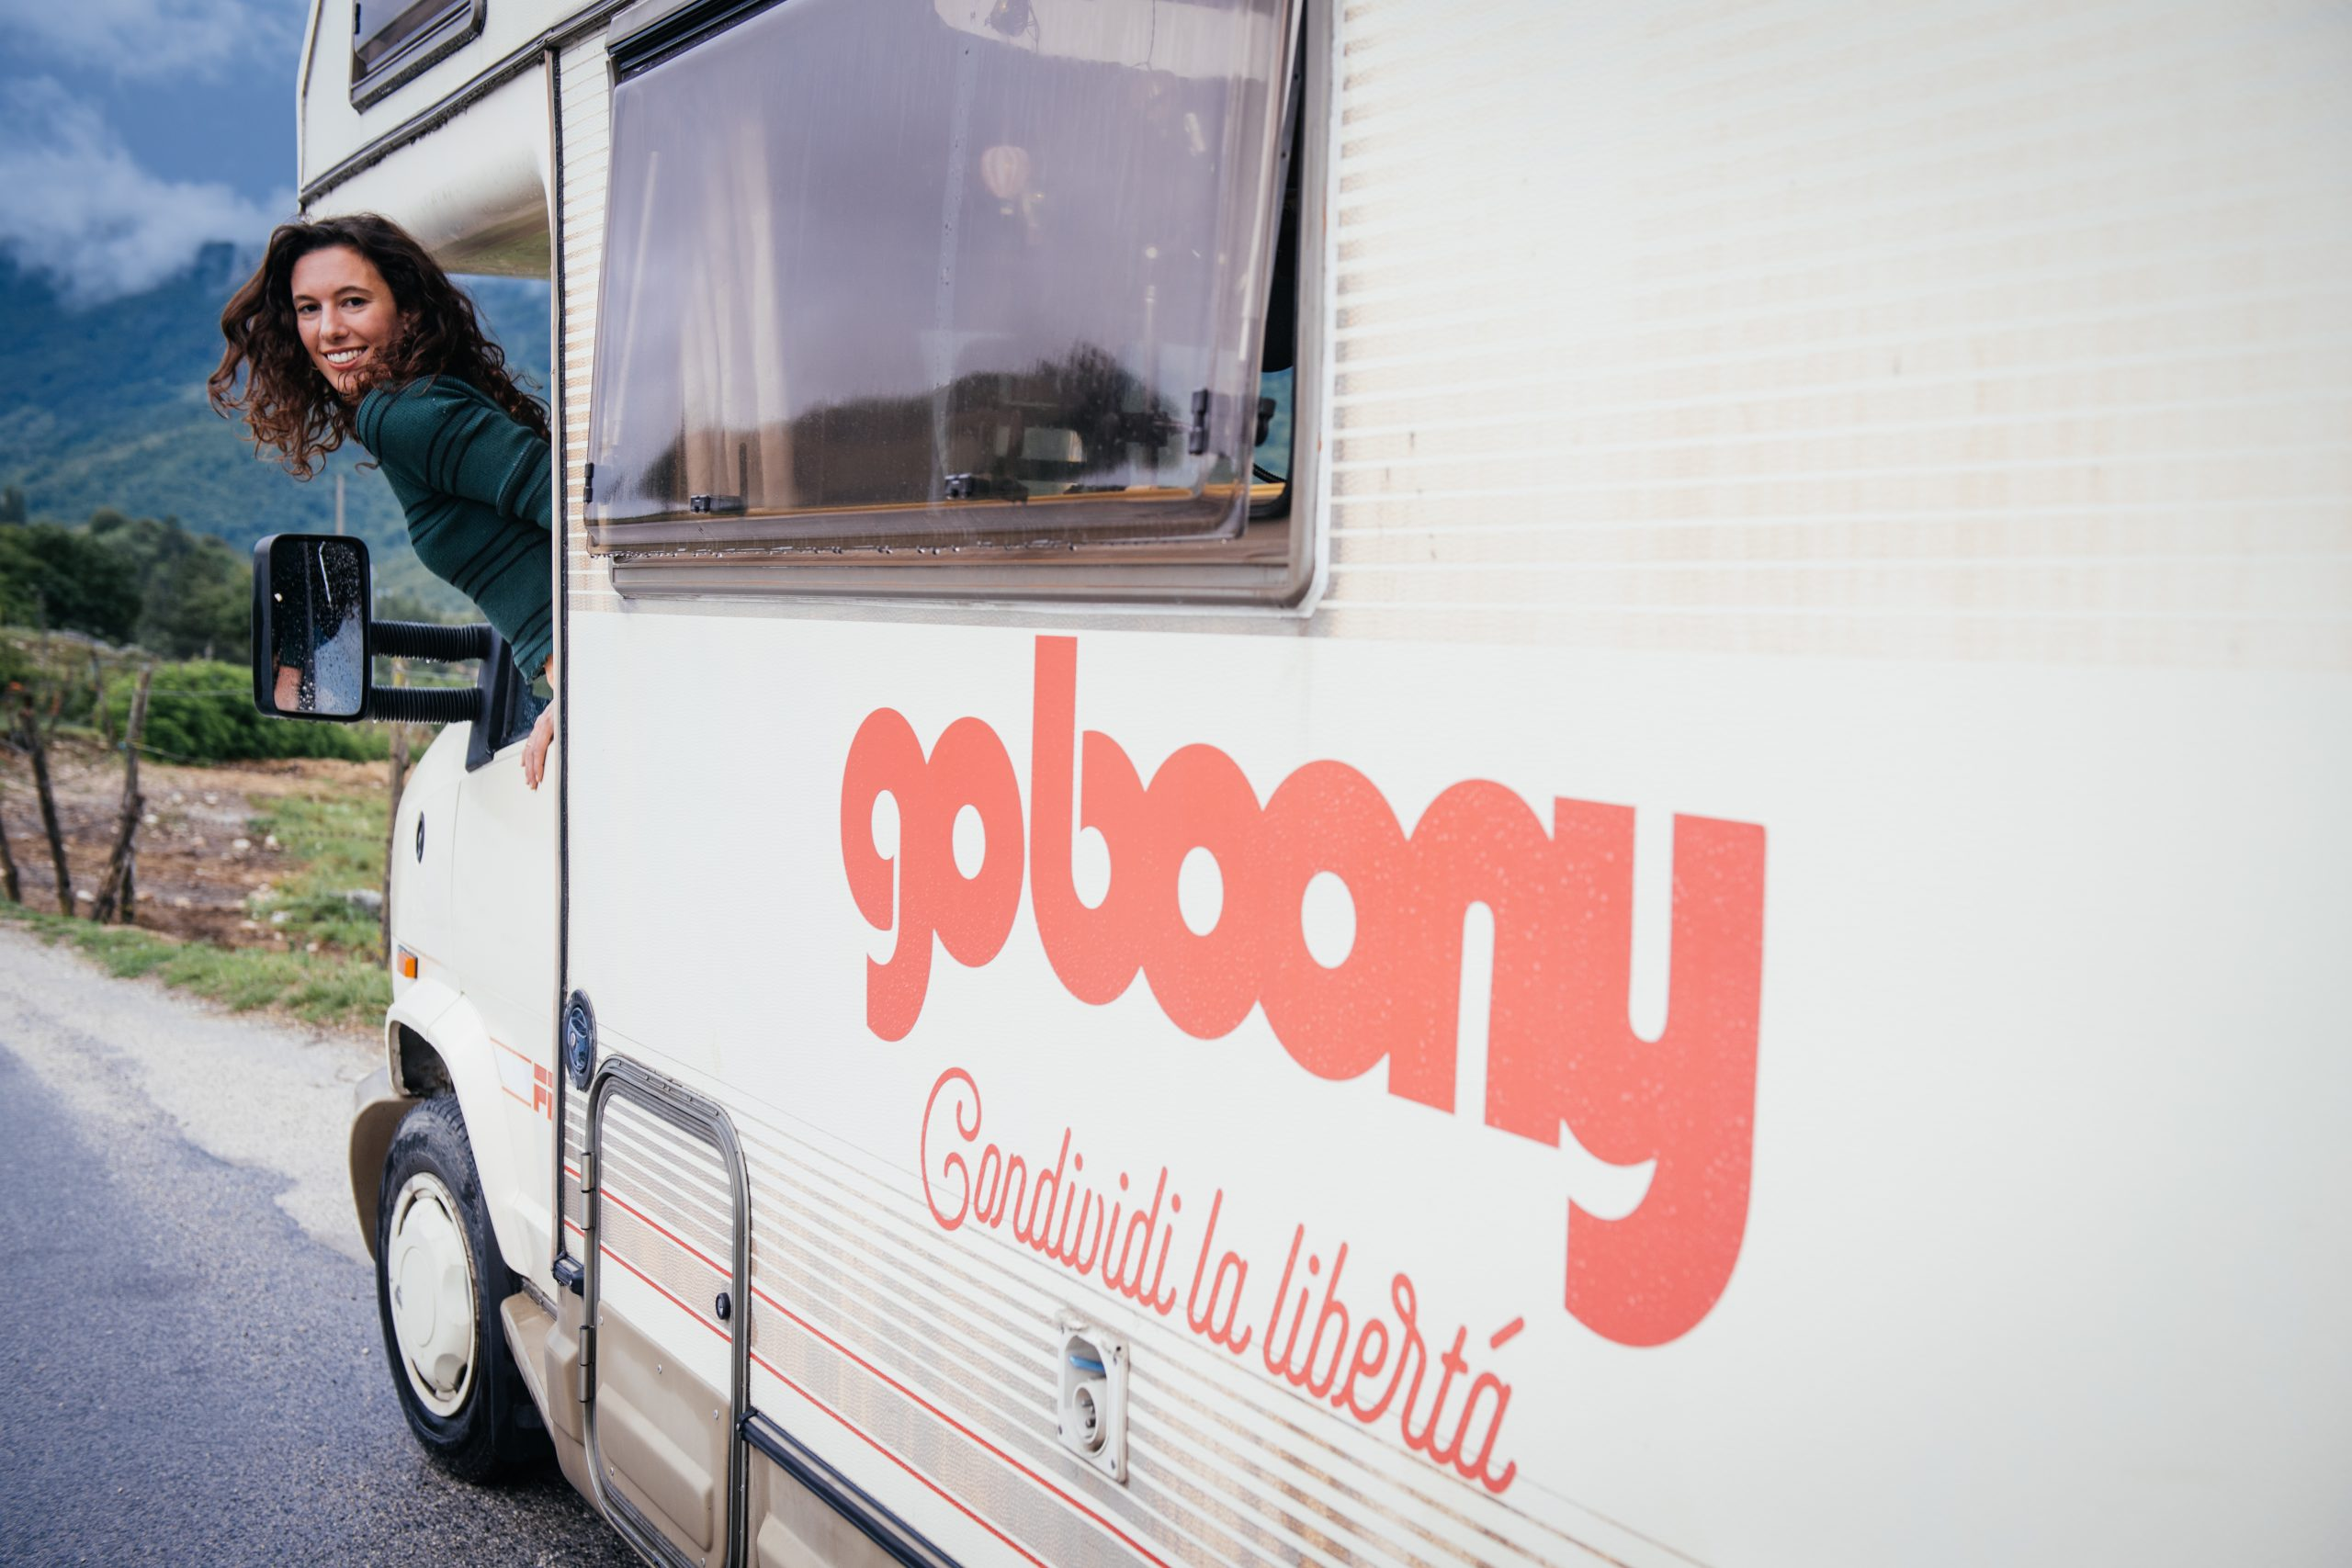 Viaggiare in camper è al momento la soluzione migliore. Viaggiare con Goboony è anche economico, sicuro e divertente!